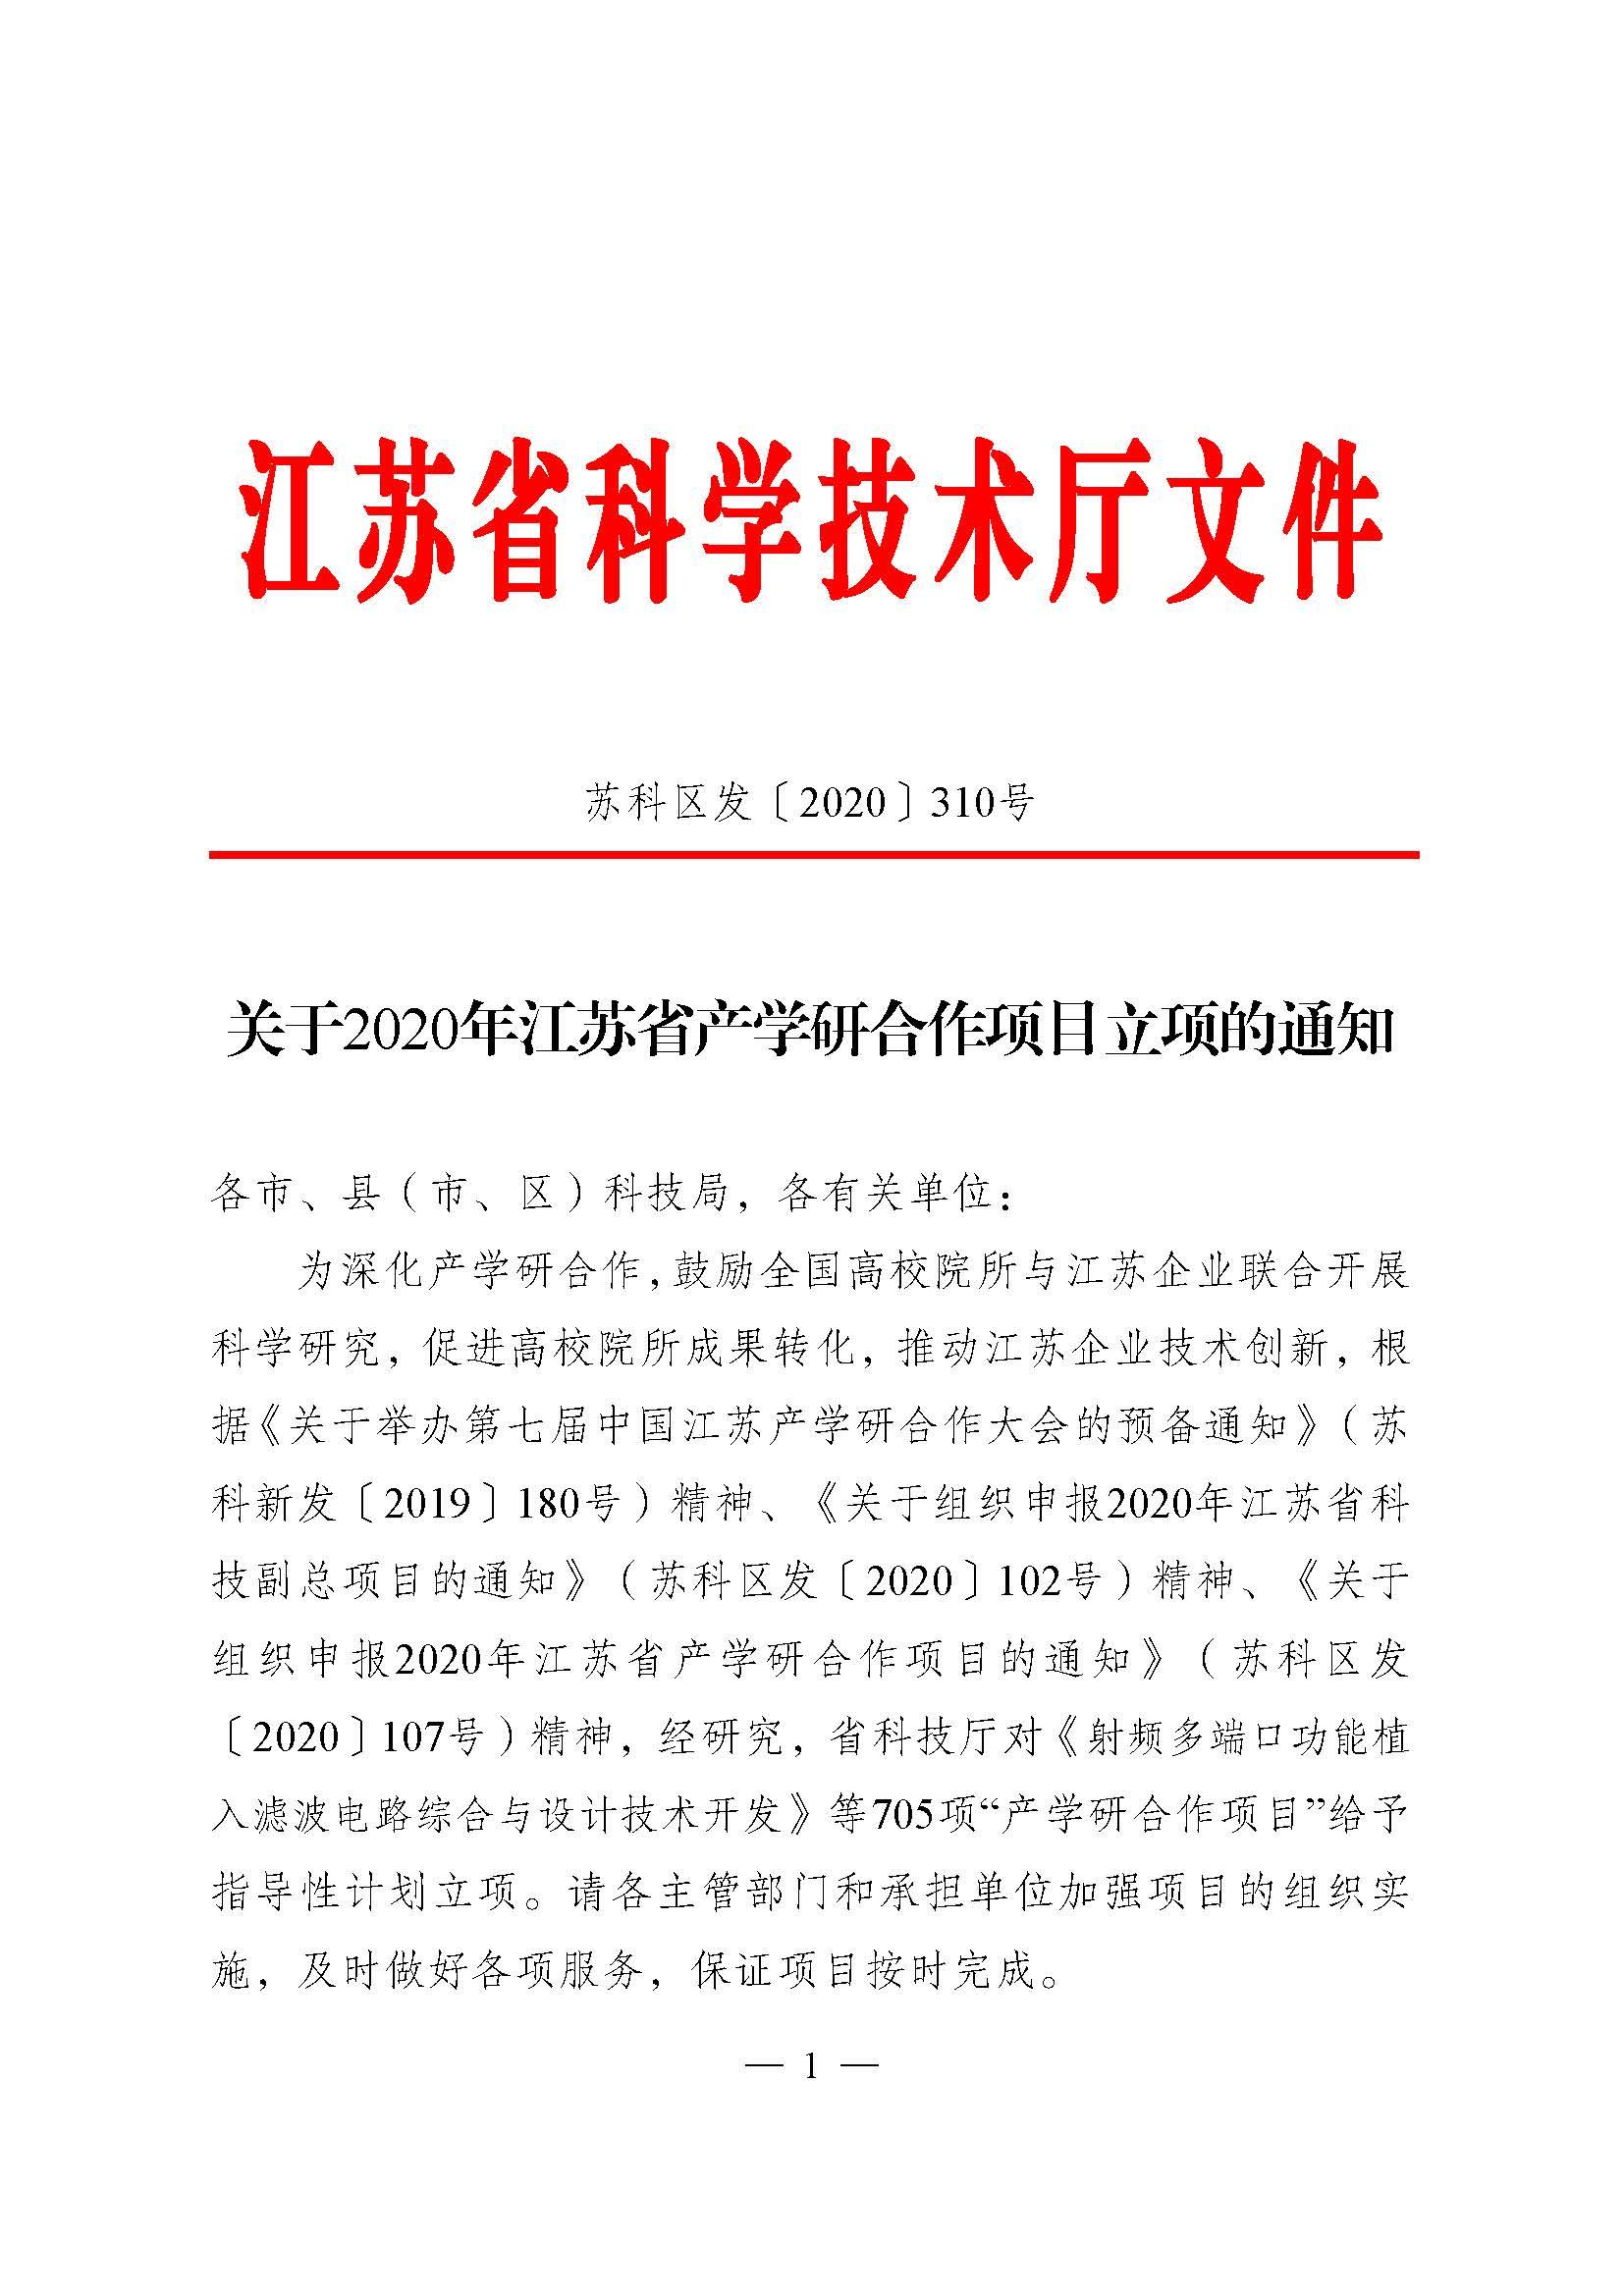 產學研立項通知_頁面_1.jpg